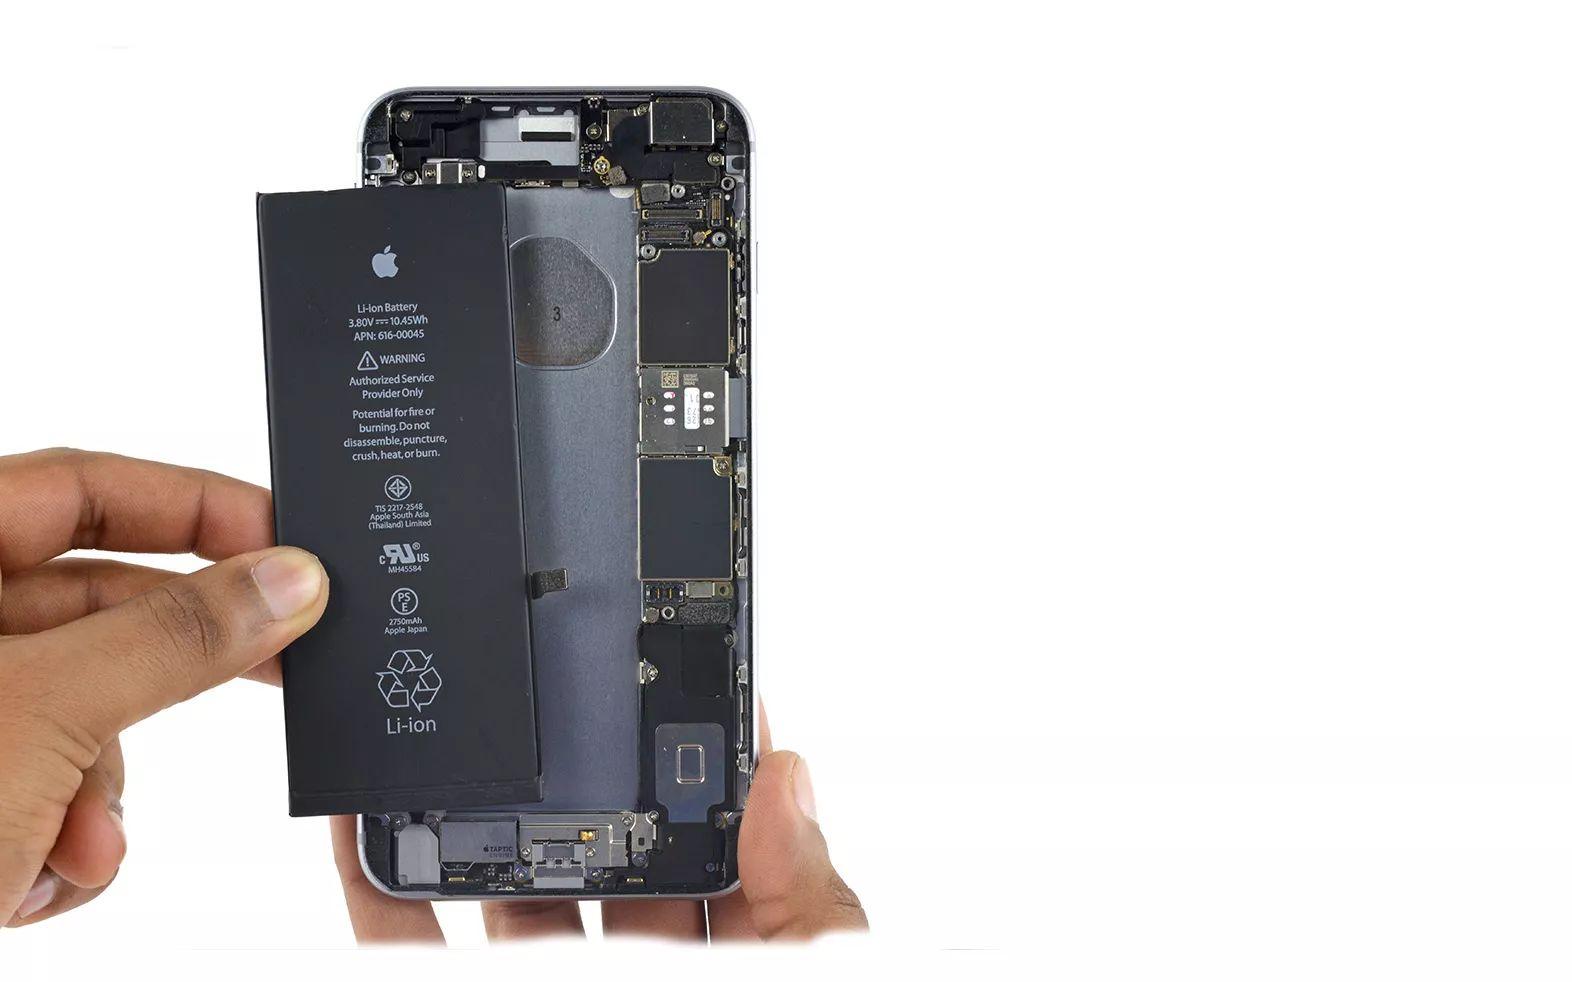 苹果 电池门 持续发酵,iPhone 电池到底该怎么换 内附攻略